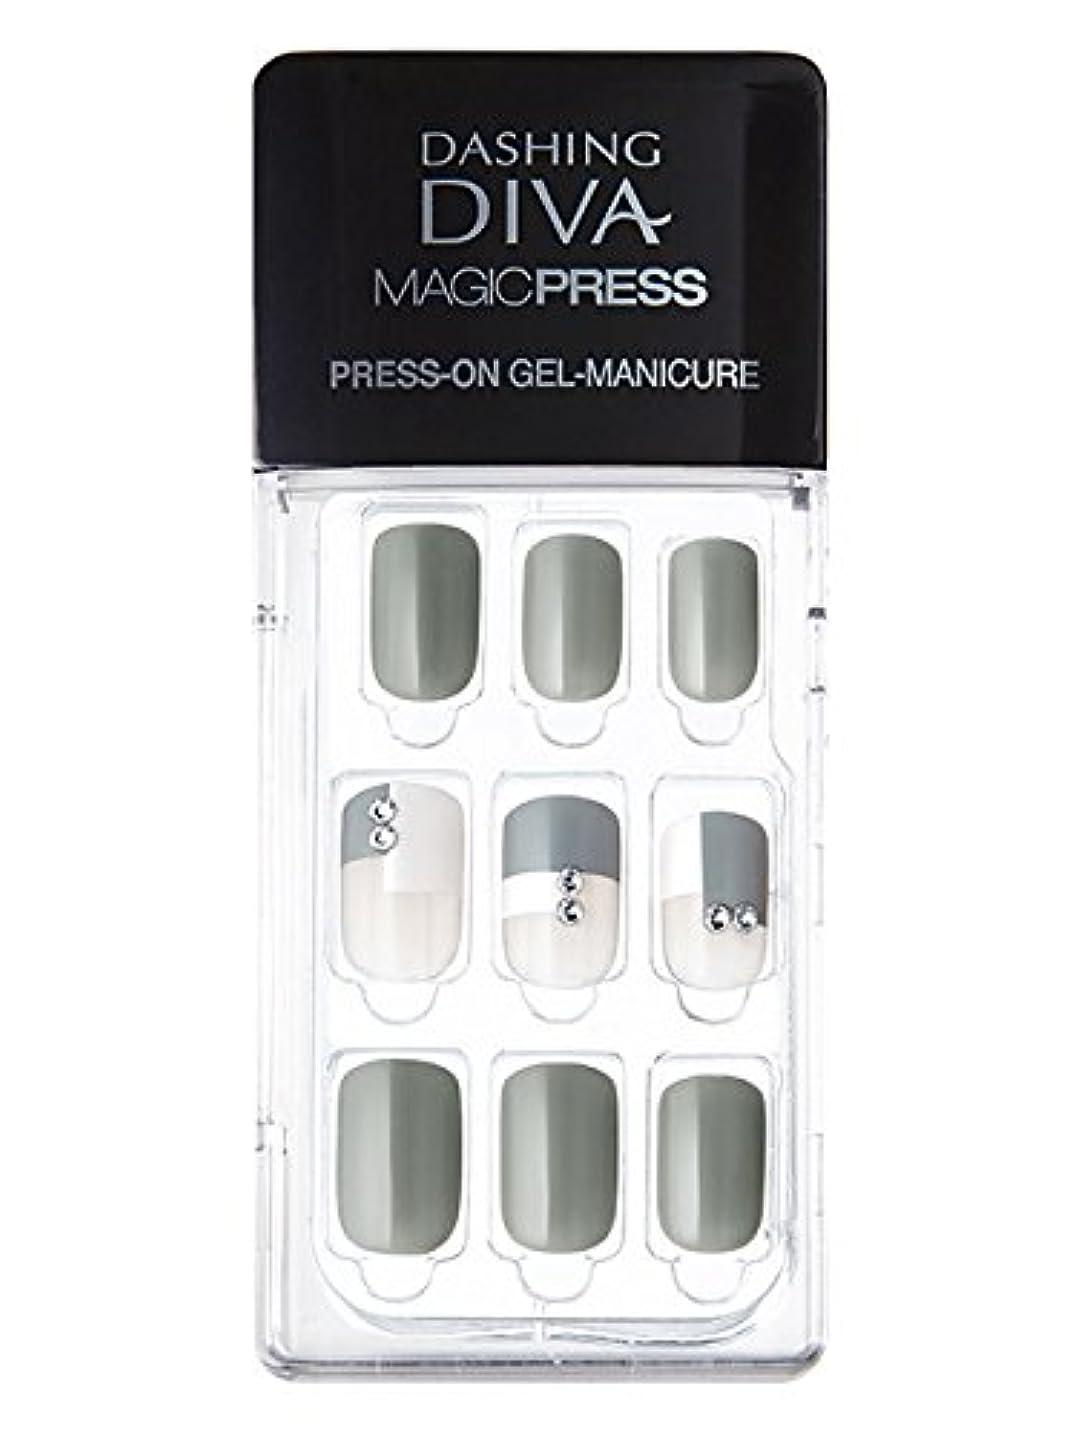 健康執着ラボMDR071:ネイルチップ【ダッシングディバマジックプレス】DASHING DIVA MAGICPRESS PRESS-ON GEL-MANICURE 1BOX(30TIPS)-DURY+